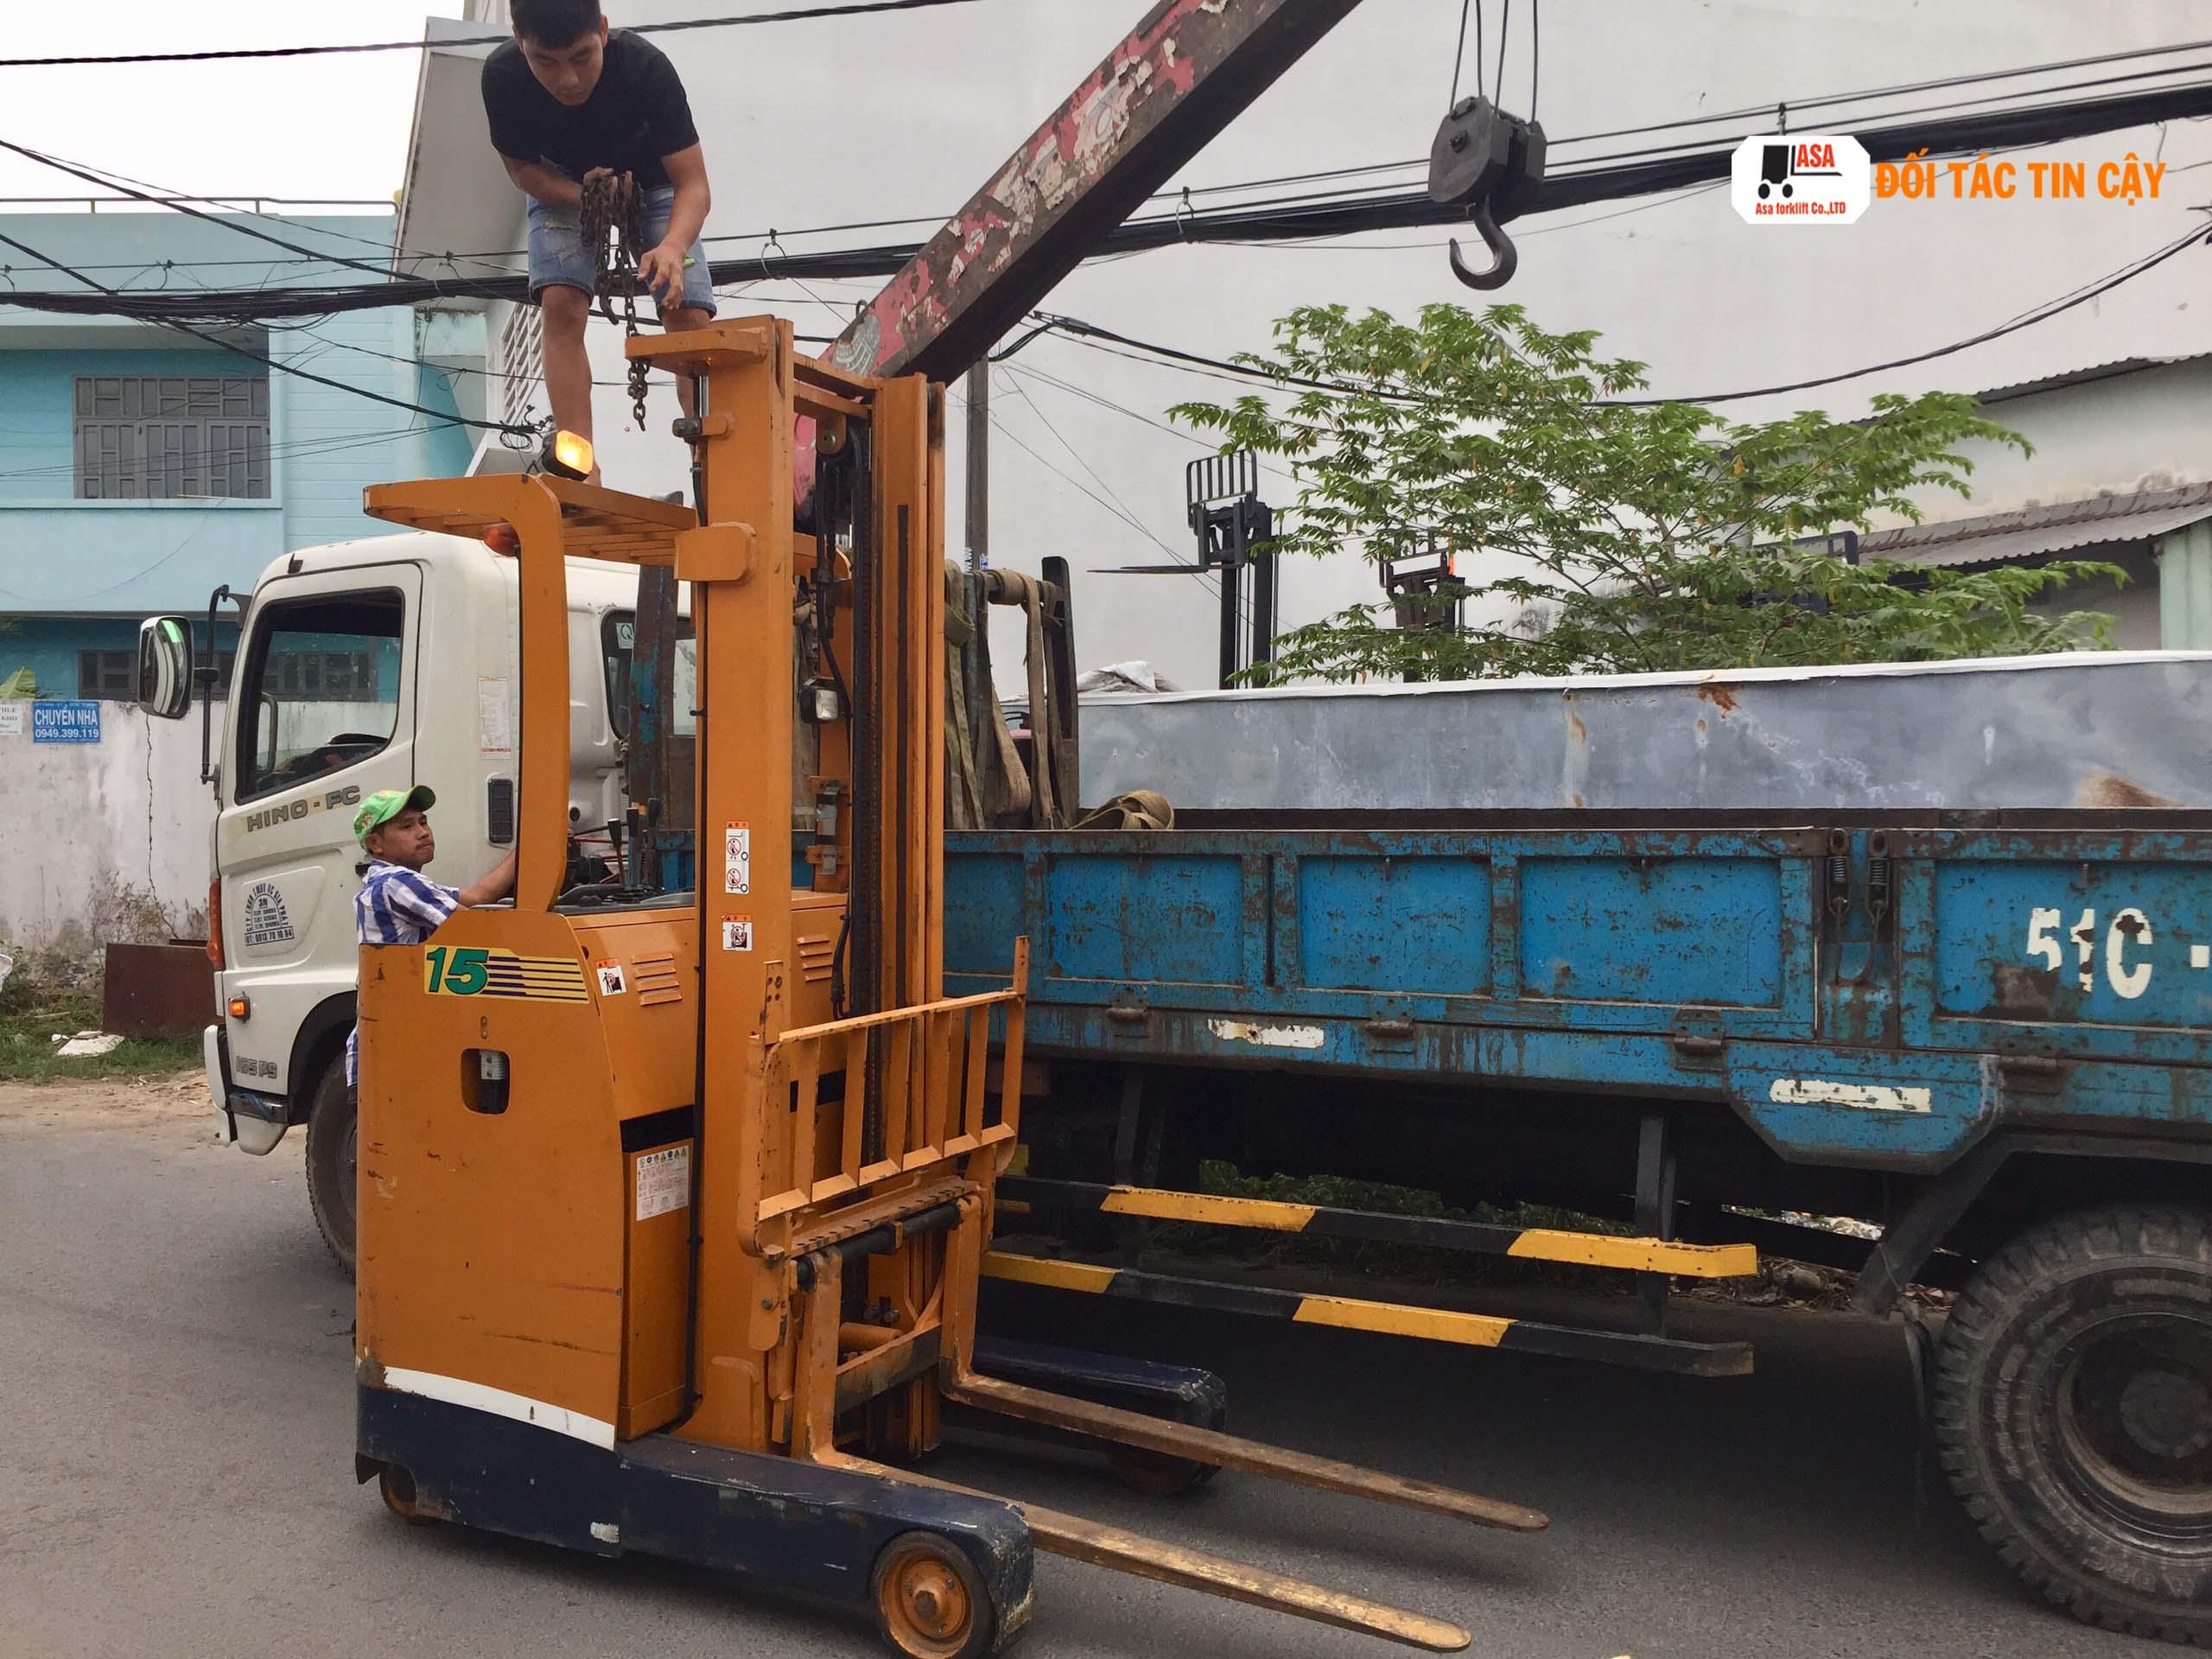 Reach Truck là loại xe nâng điện sử dụng ắc quy dạng đứng lái